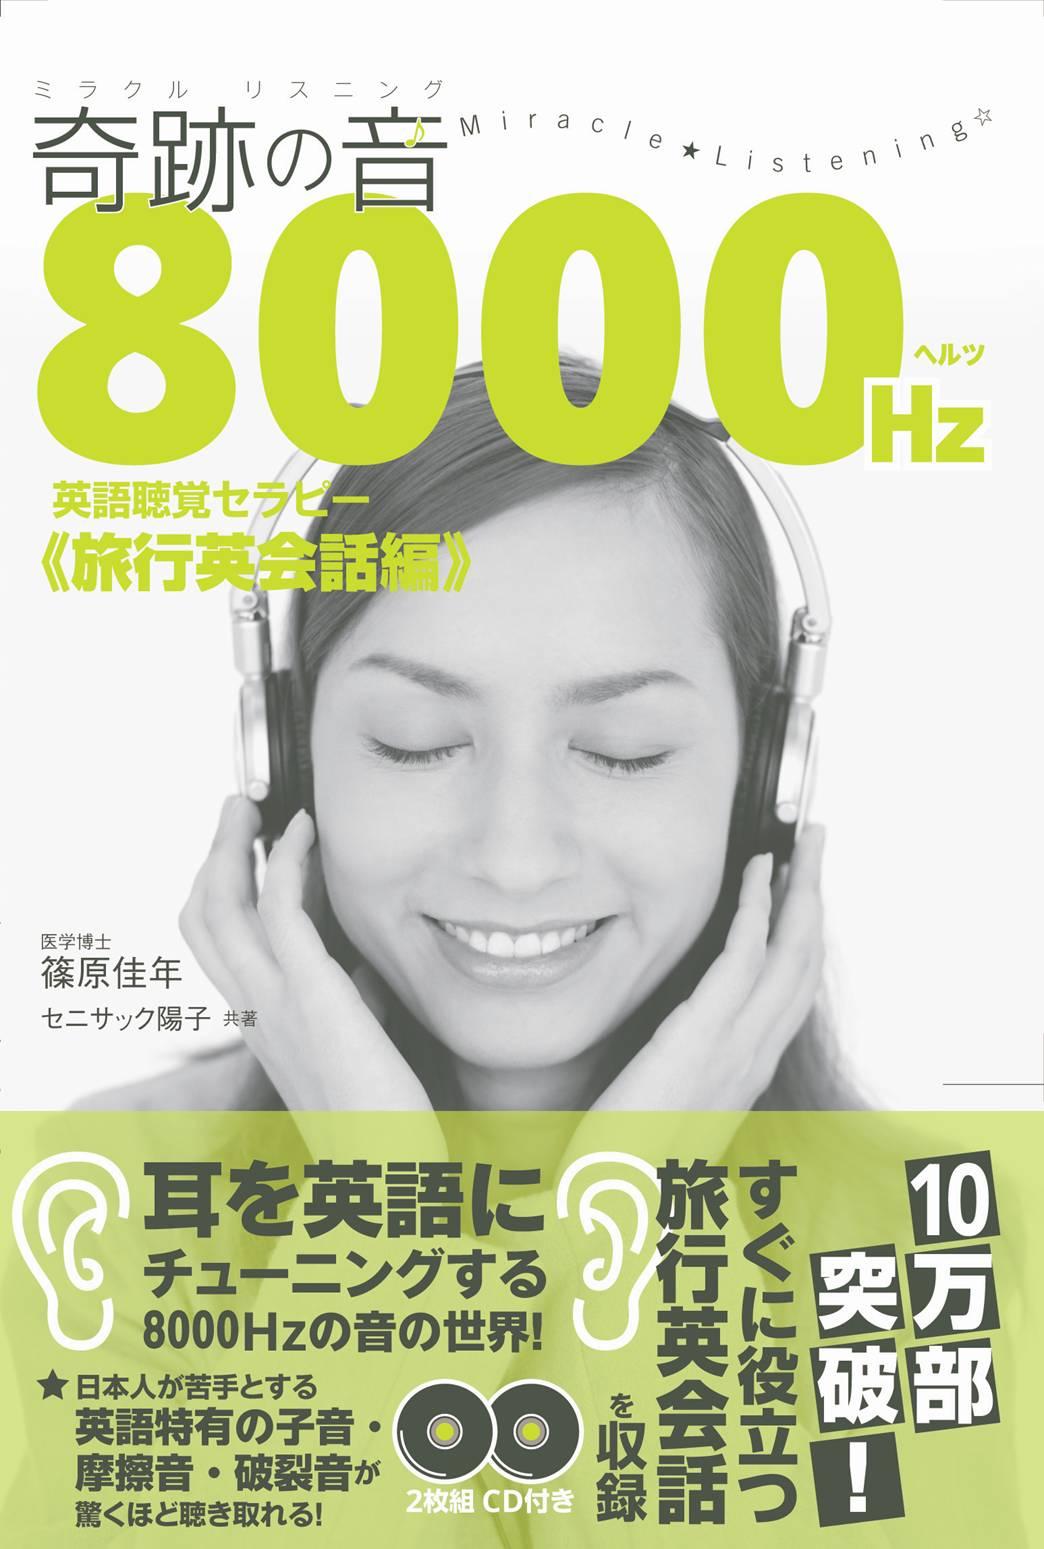 表紙:奇跡の音 8000ヘルツ英語聴覚セラピー 《旅行英会話編》